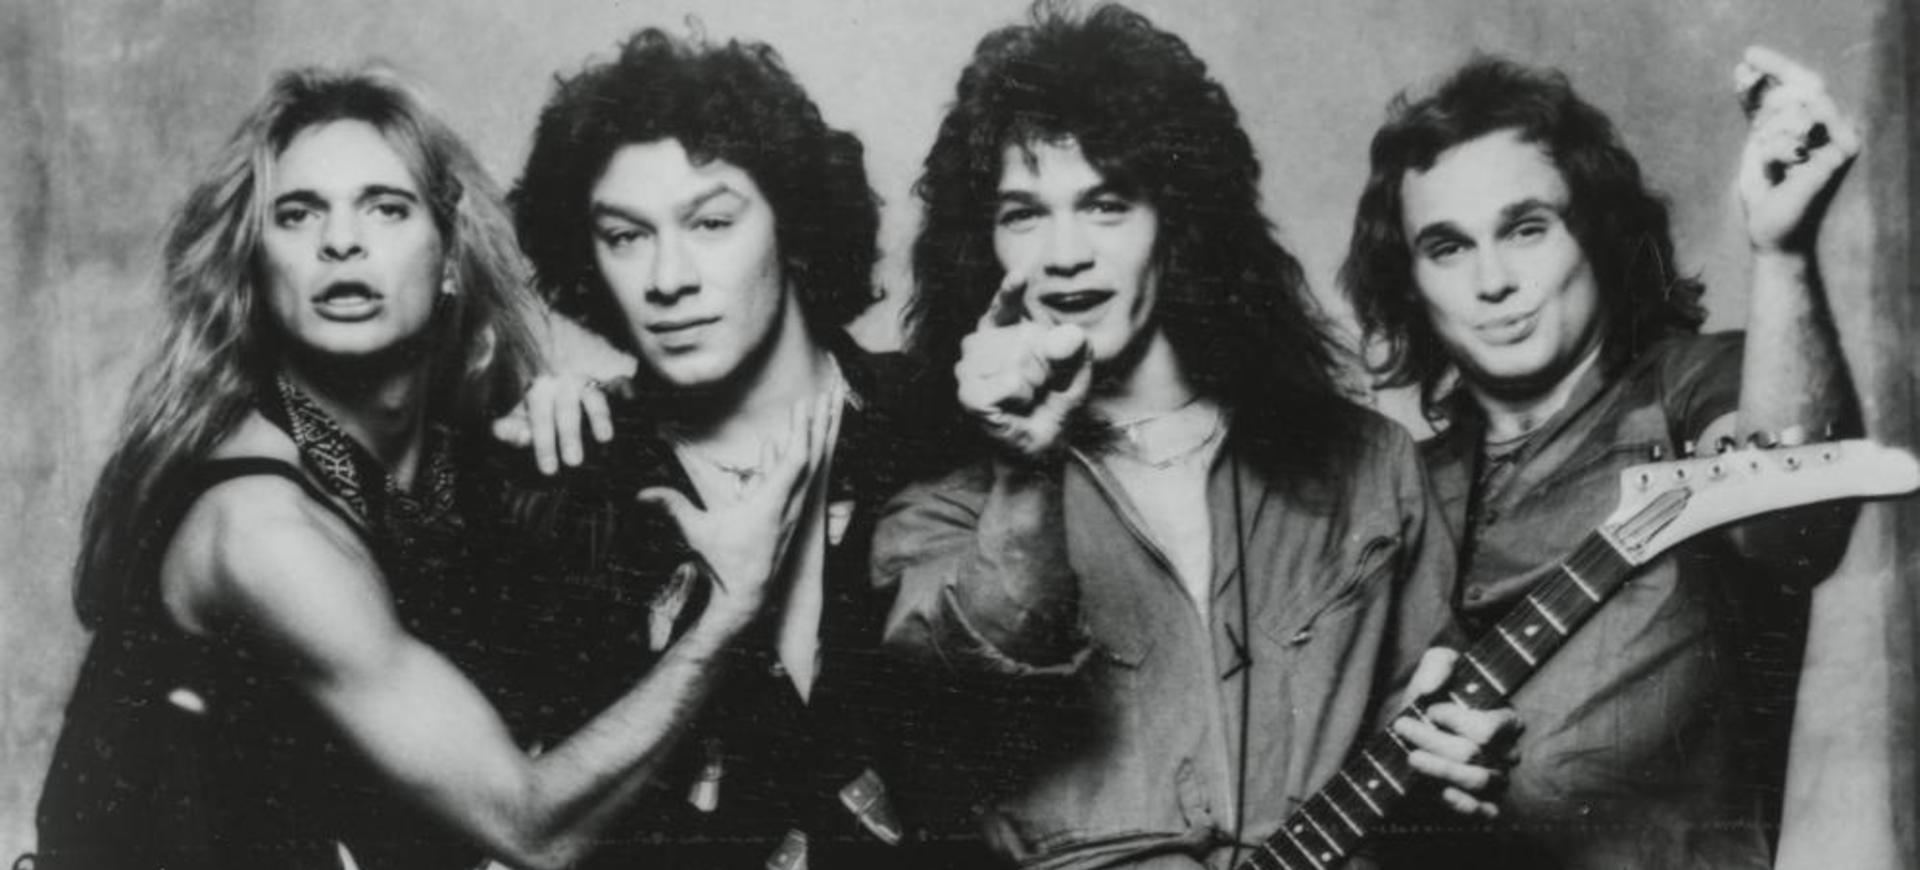 Janie Van Halen Reveals Her Favorite Van Halen Song In New Dance Video